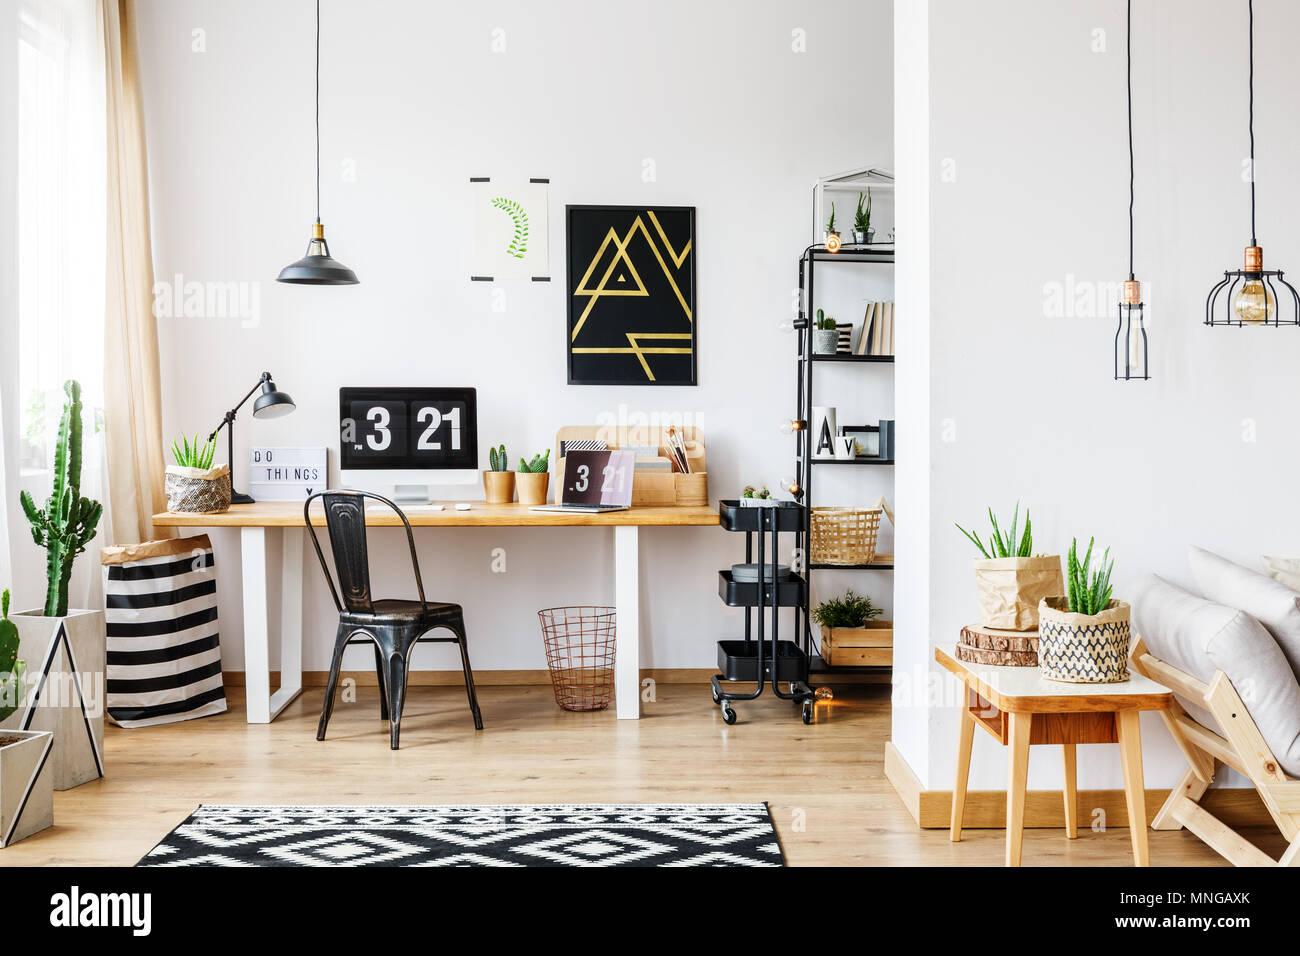 Chambre avec espace de travail pour un indépendant avec mur blanc